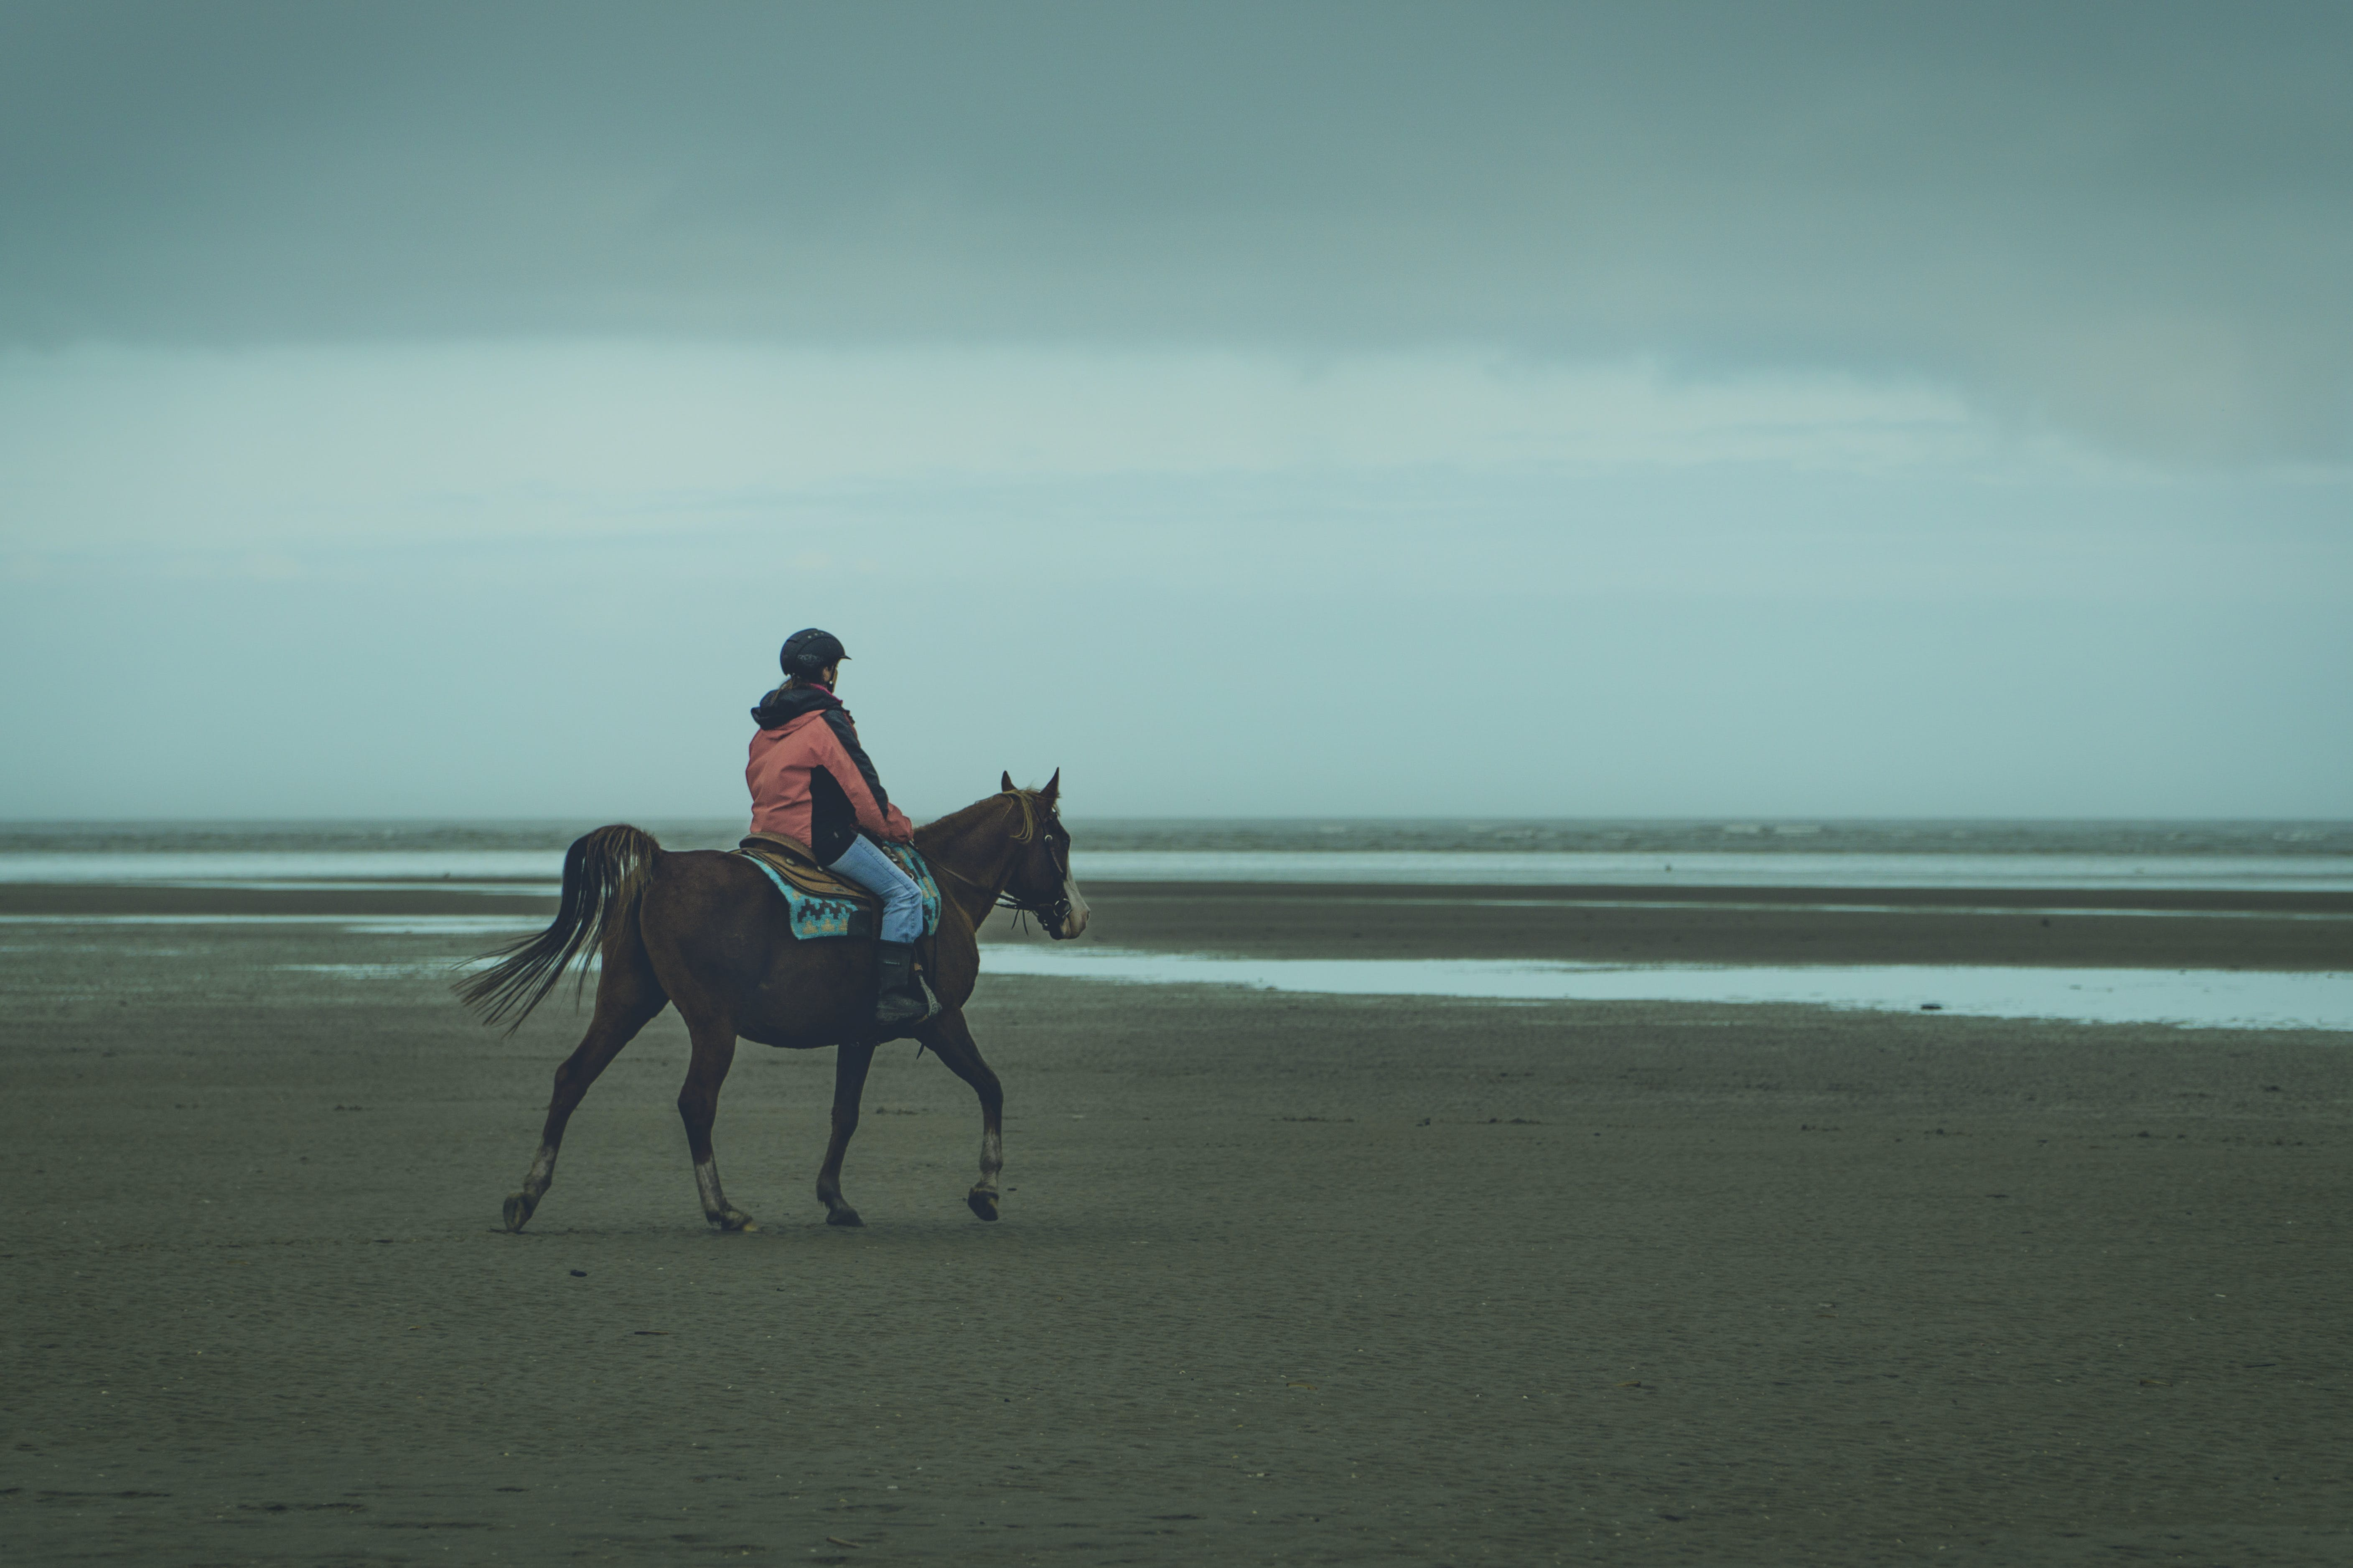 Δωρεάν στοκ φωτογραφιών με tideland, άλογο, άμπωτη, αναβάτης